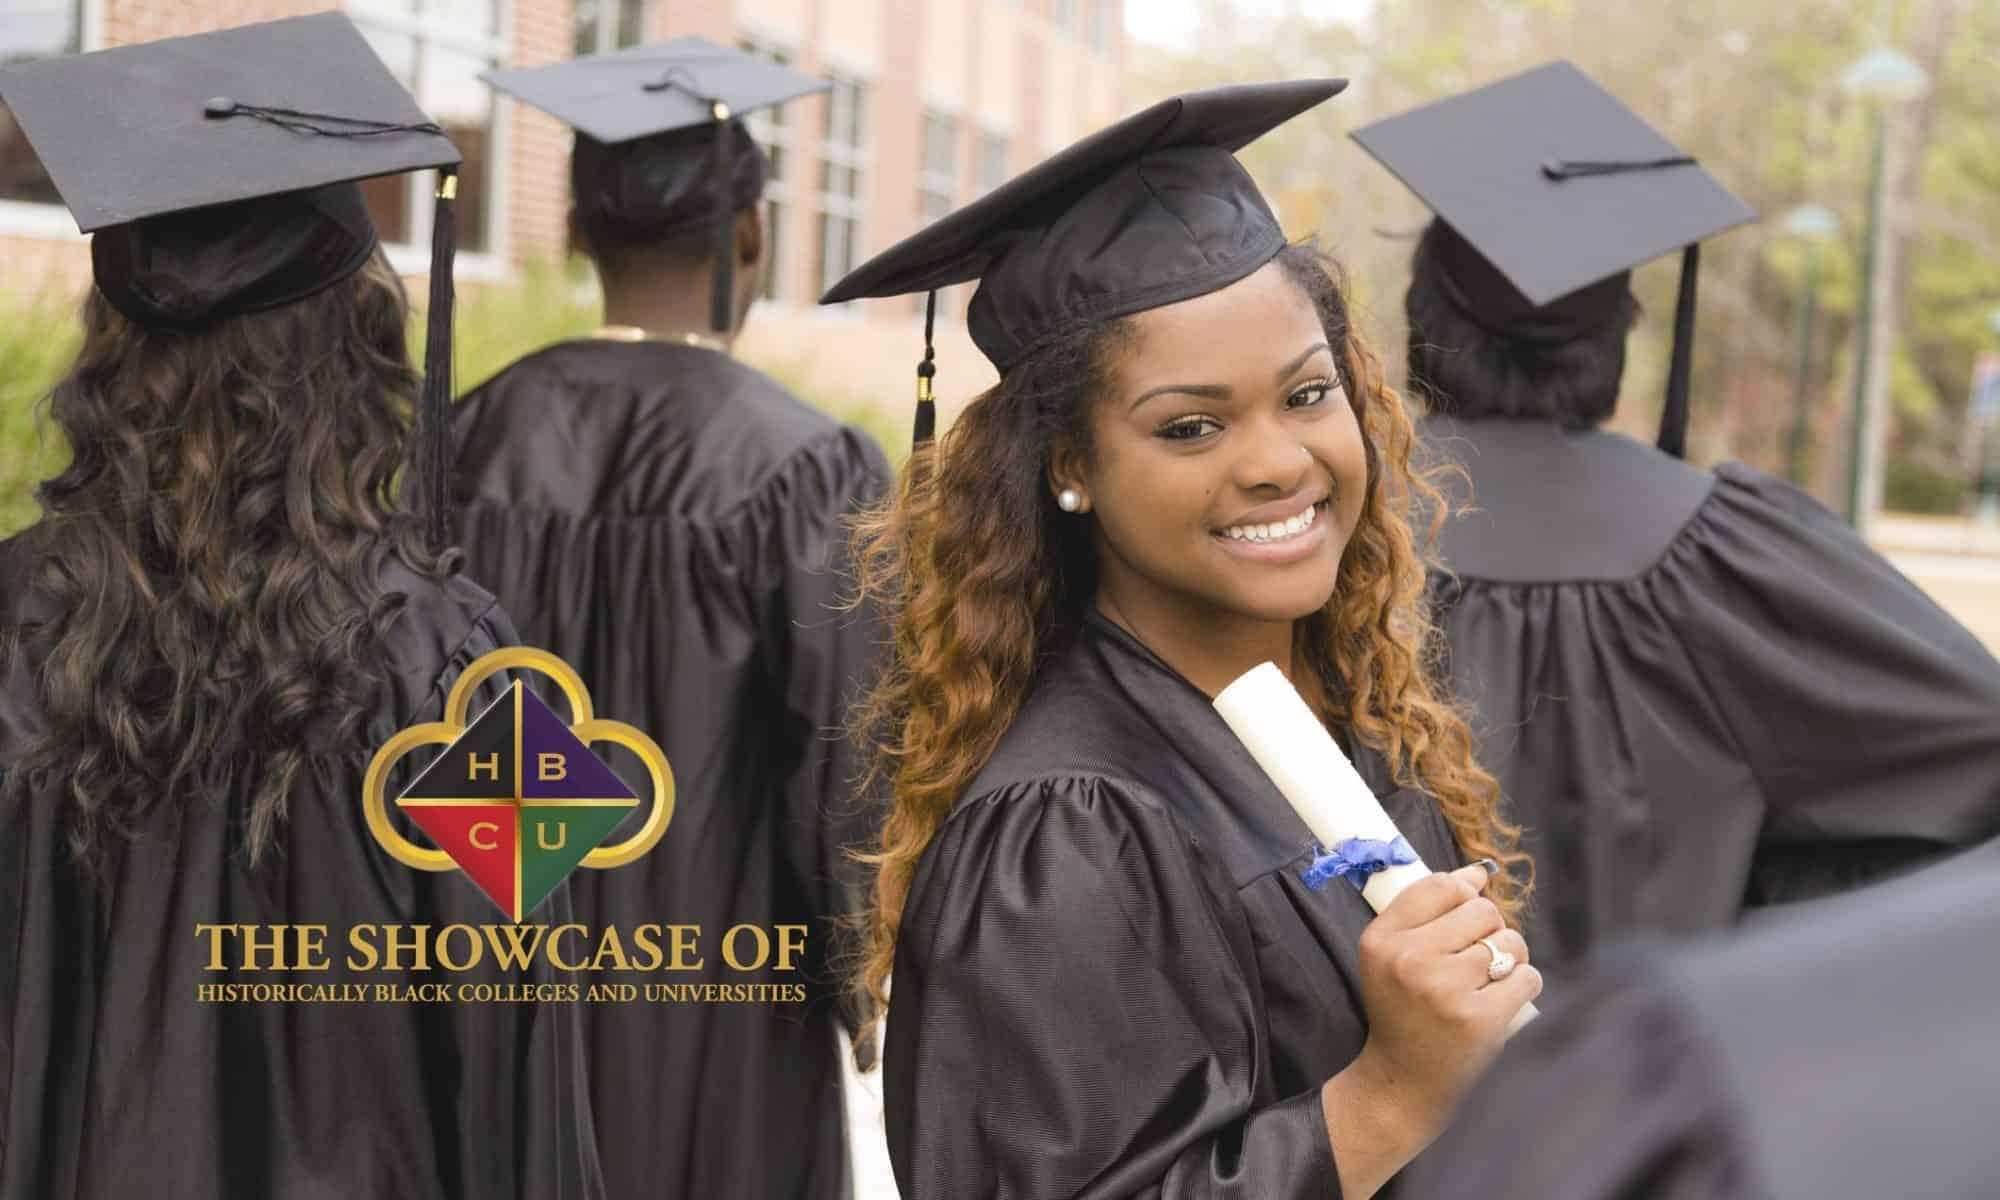 The Showcase of HBCU